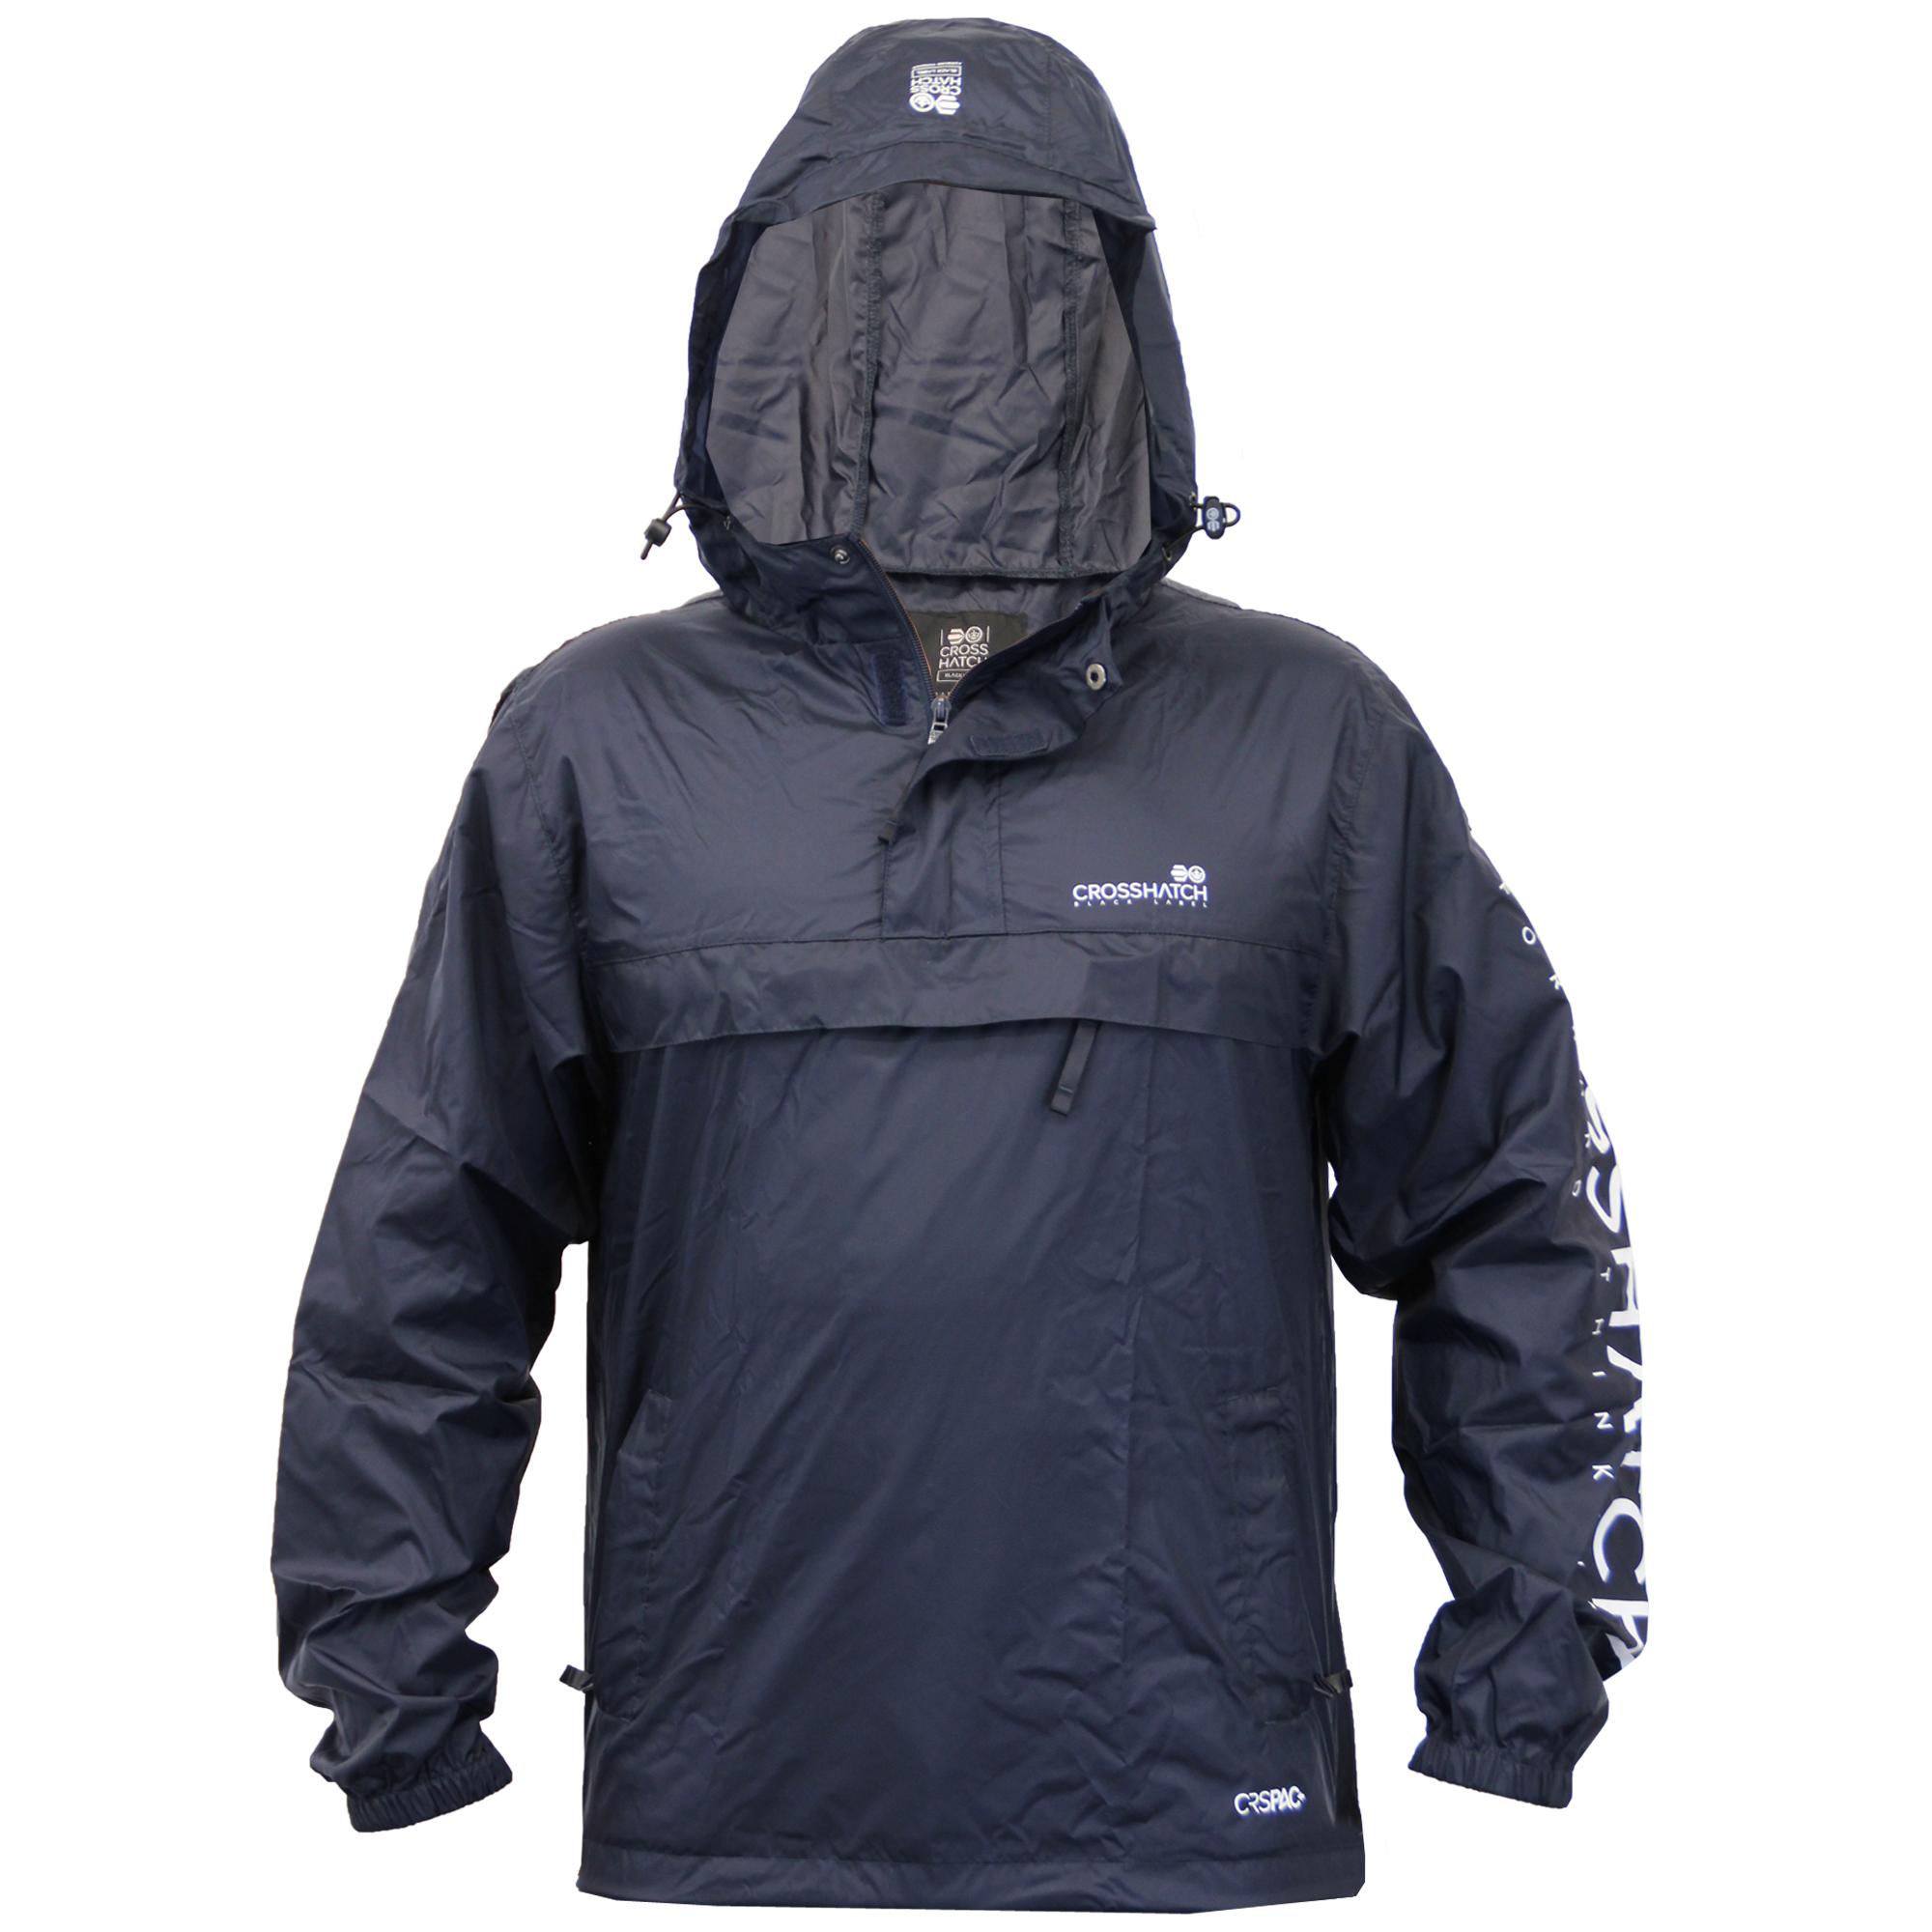 4565fe4239 Mens Kagool Jacket Crosshatch Cagoule Hooded Waterproof Bag Sack ...